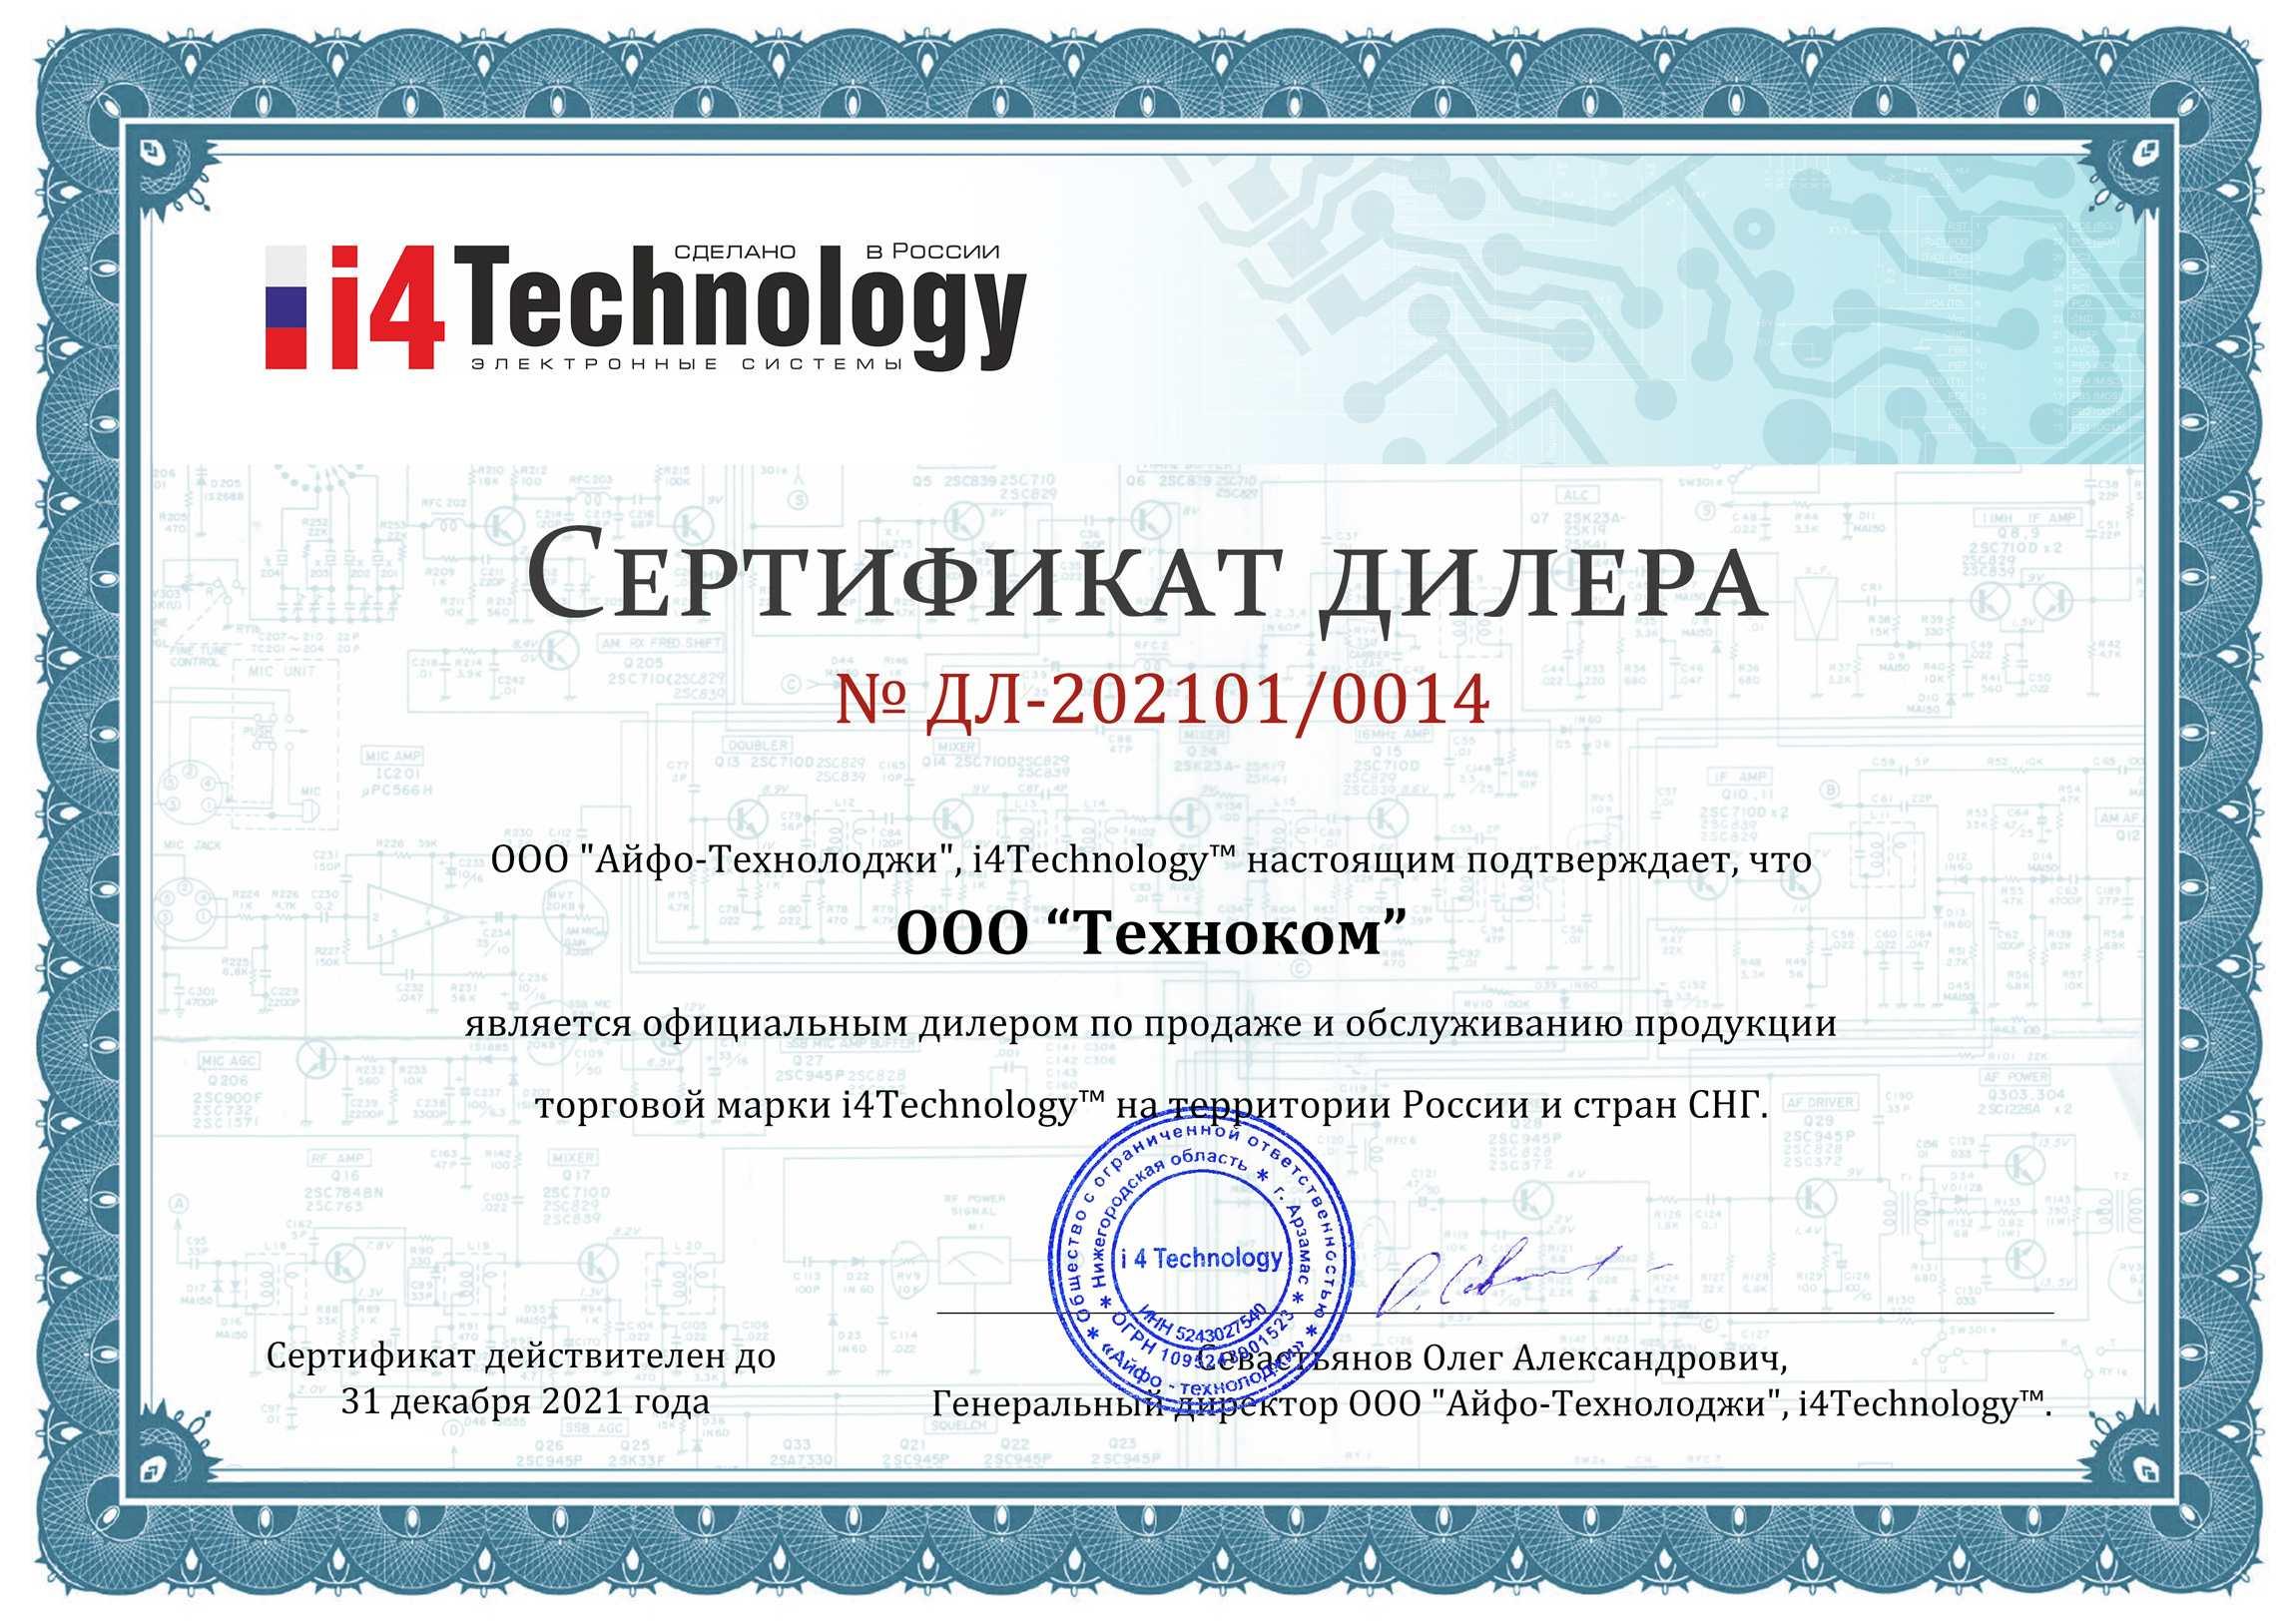 Дилерский сертификат на продажу и обслуживание товаров i4Technology